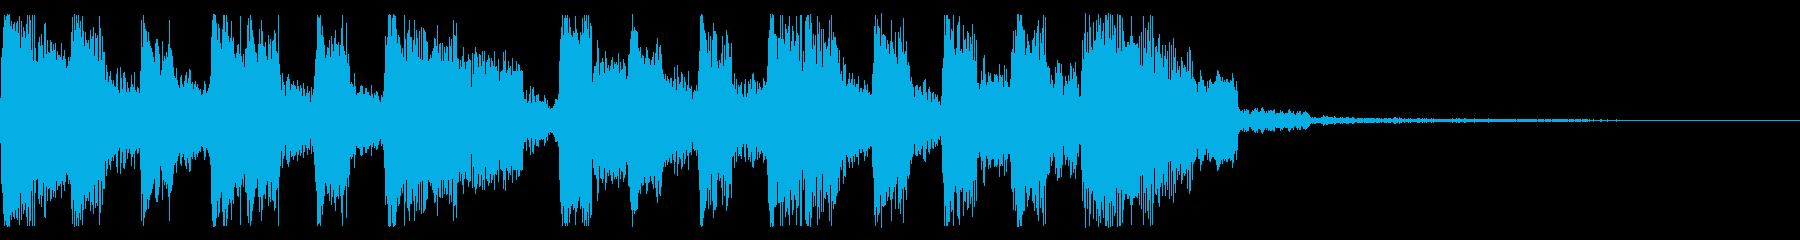 レトロゲーム風 場面転換 ジングルの再生済みの波形